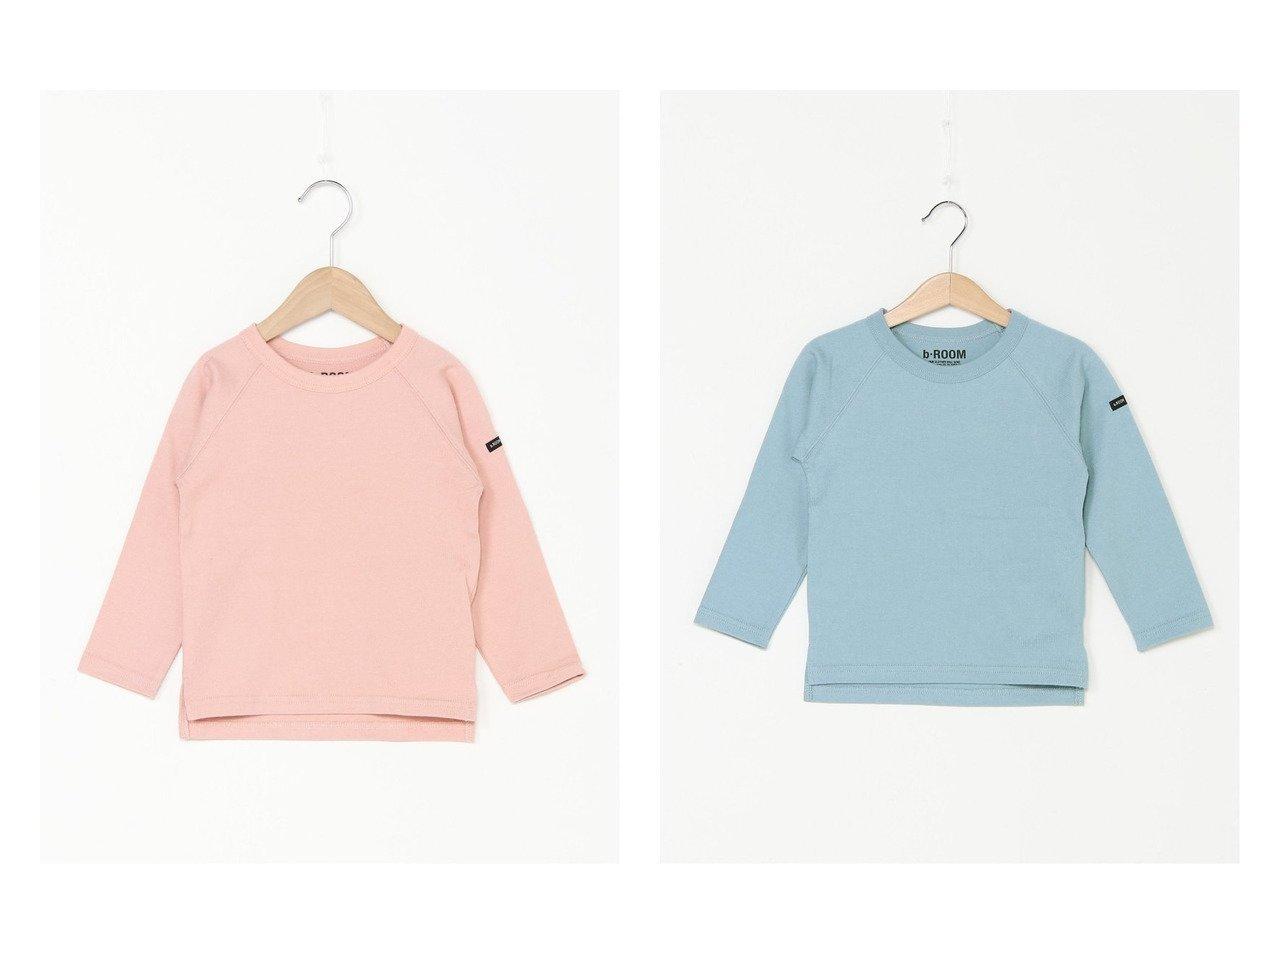 【b-ROOM / KIDS/ビールーム】の【プチプラ】BASICラグラン長袖Tシャツ 【KIDS】子供服のおすすめ!人気トレンド・キッズファッションの通販 おすすめで人気の流行・トレンド、ファッションの通販商品 メンズファッション・キッズファッション・インテリア・家具・レディースファッション・服の通販 founy(ファニー) https://founy.com/ ファッション Fashion キッズファッション KIDS トップス・カットソー Tops/Tees/Kids おすすめ Recommend カットソー スリーブ トレーナー プチプライス・低価格 Affordable 定番 Standard 無地 長袖  ID:crp329100000037917